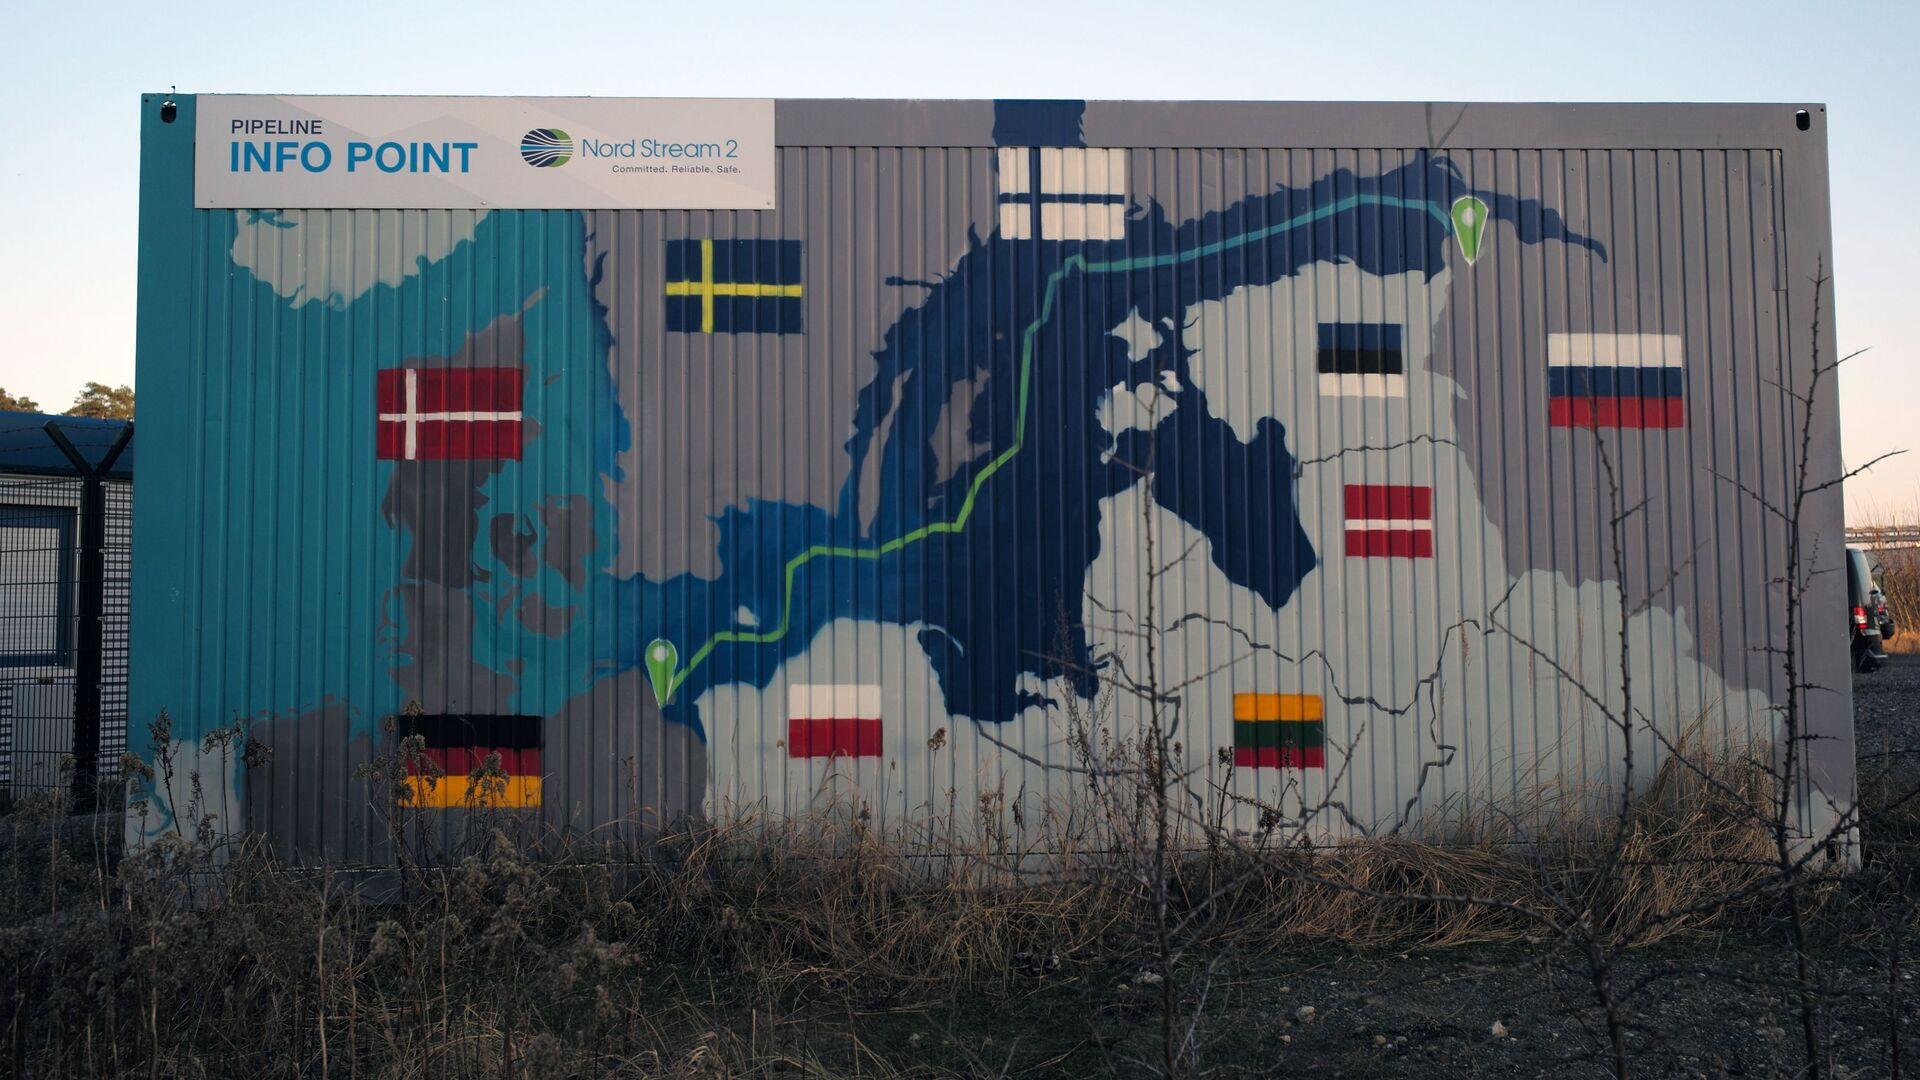 Објекти гасовода Северни ток 2 у граду Љубмин у Немачкој - Sputnik Србија, 1920, 27.04.2021